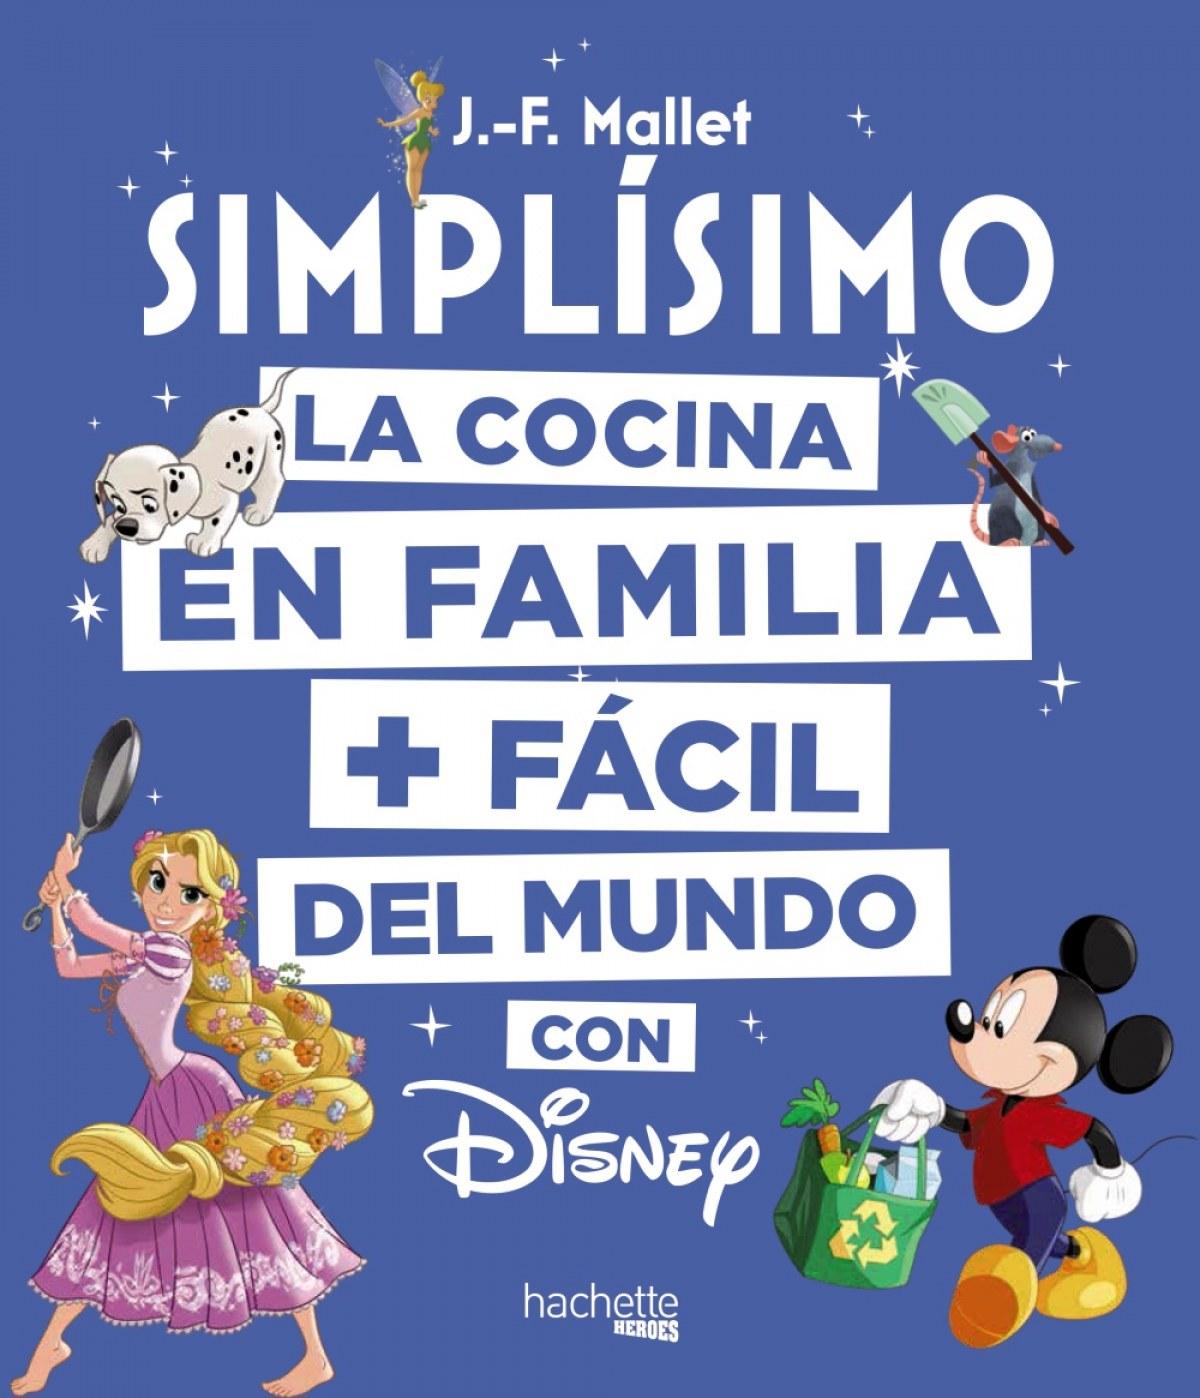 LA COCINA EN FAMILIA + FÁCIL DEL MUNDO CON DISNEY 9788416857203